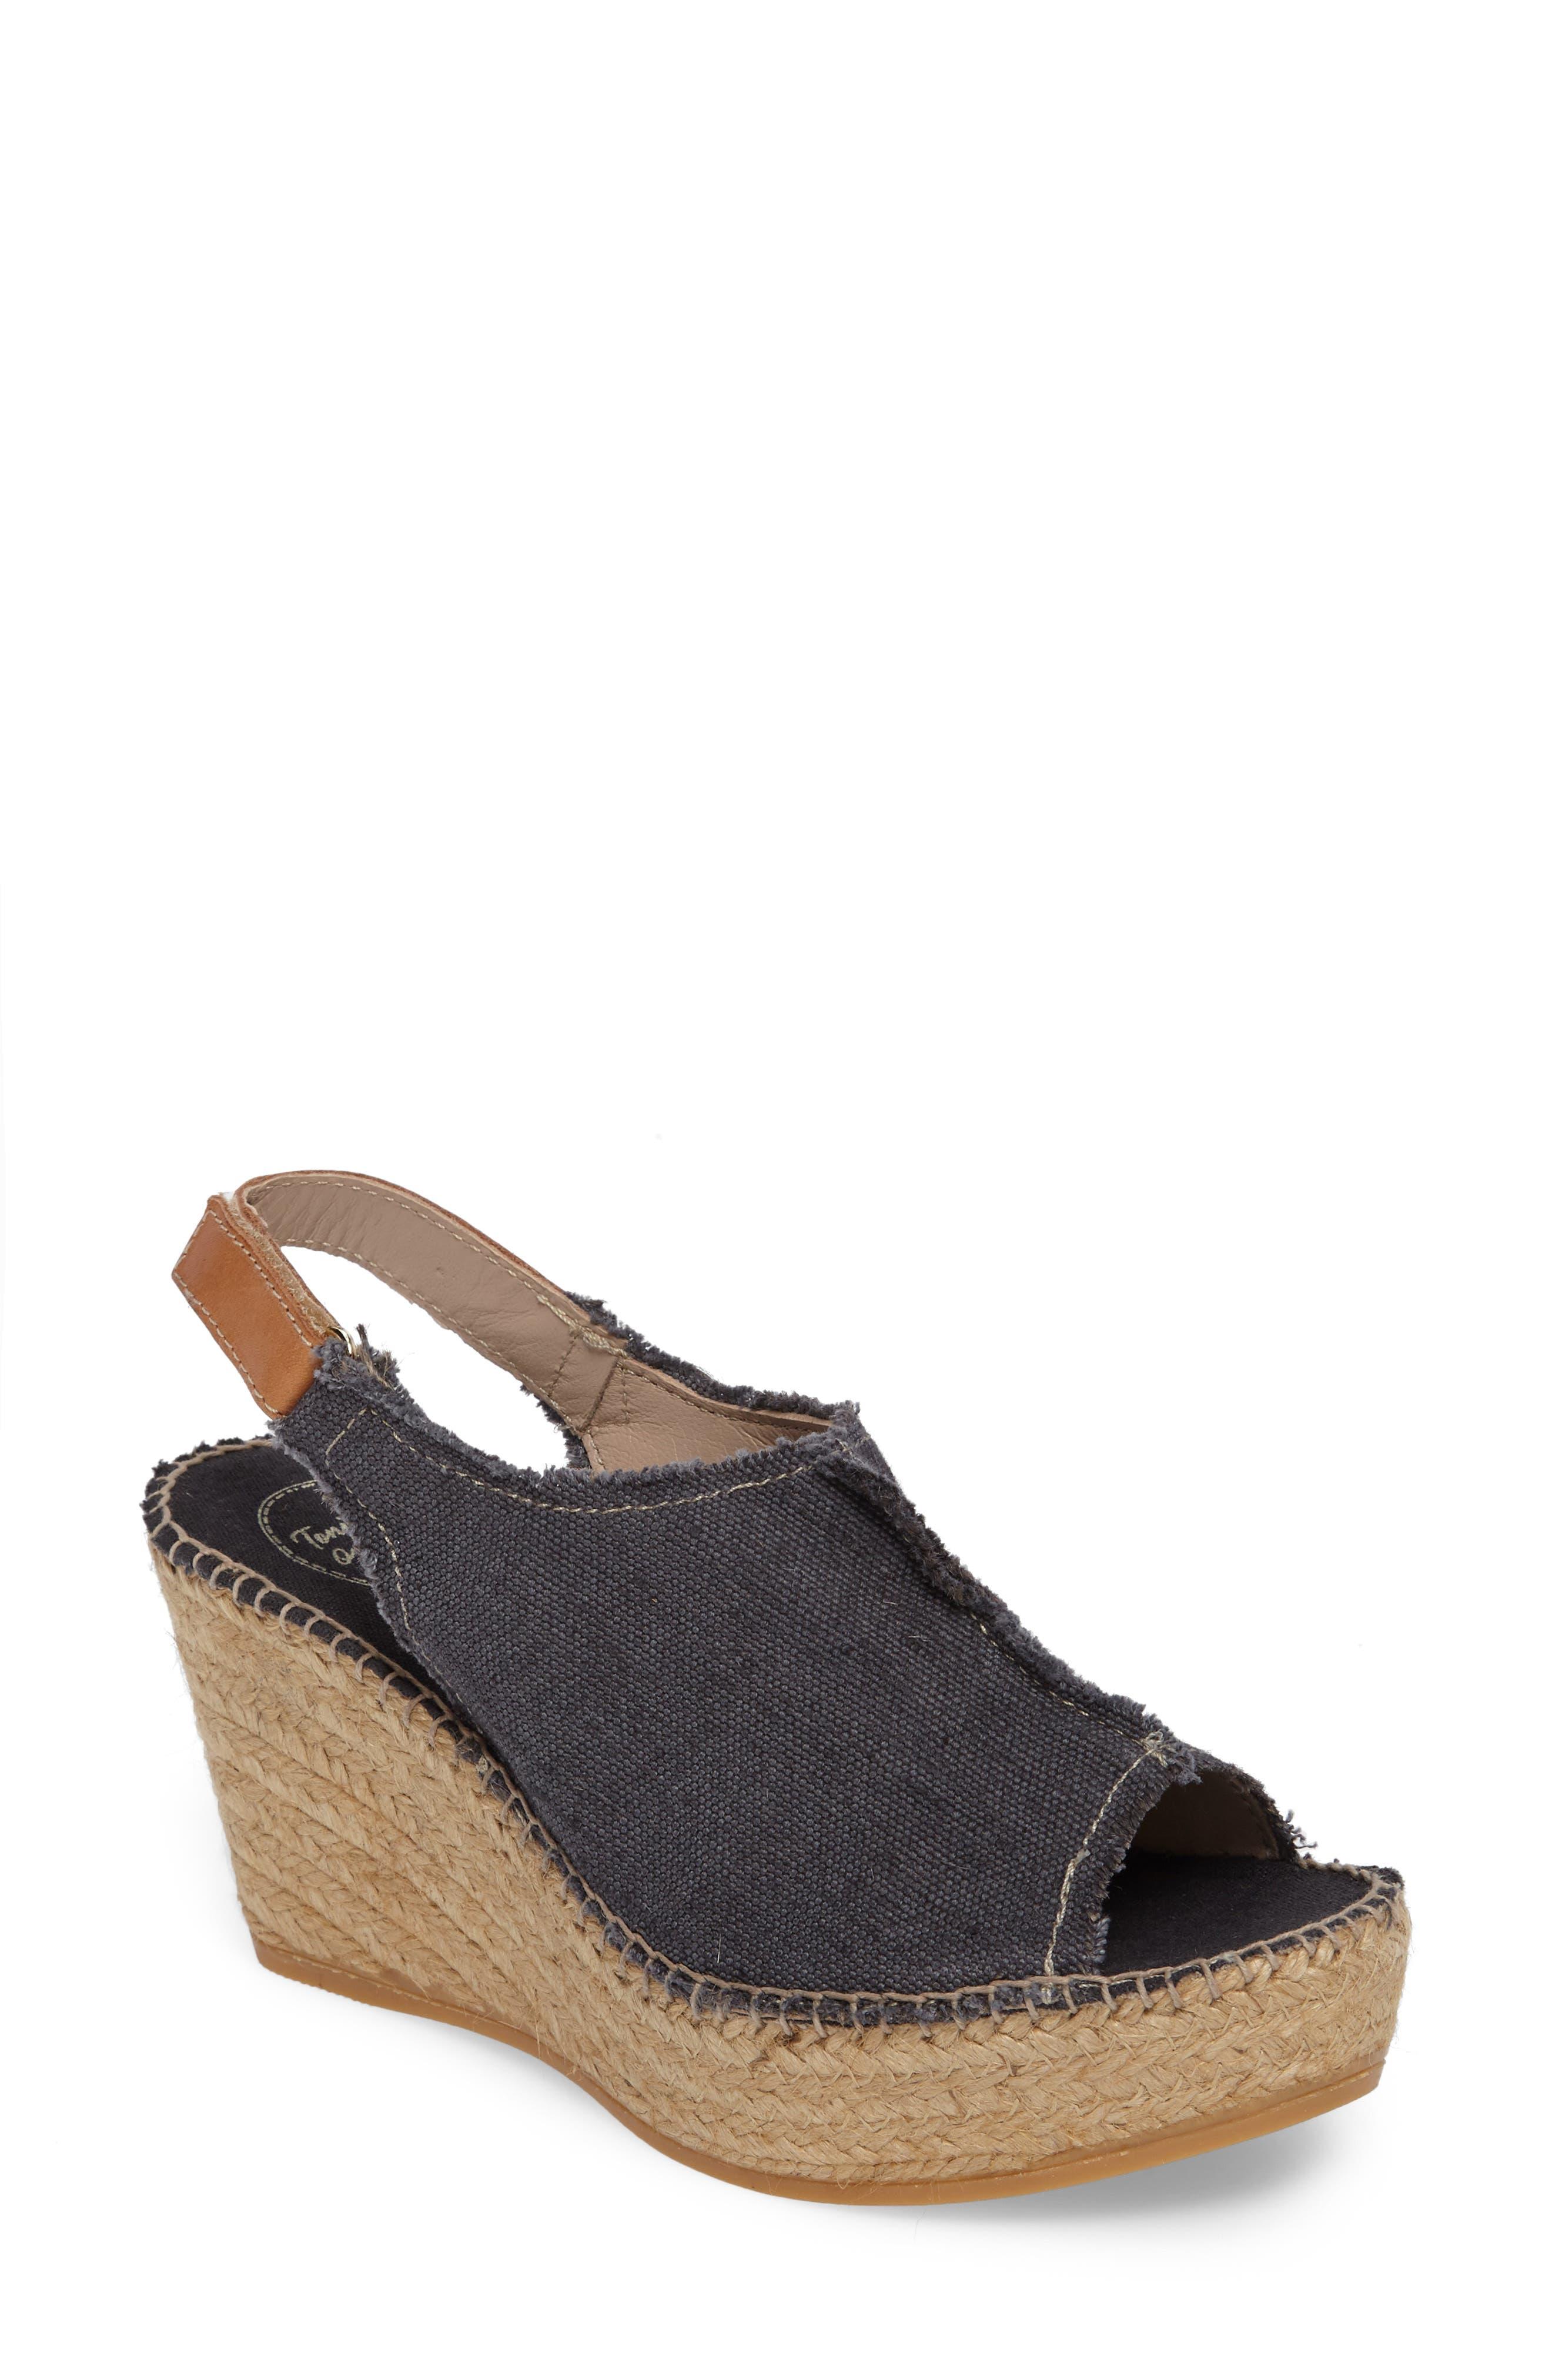 TONI PONS, 'Lugano' Espadrille Wedge Sandal, Main thumbnail 1, color, BLACK FABRIC